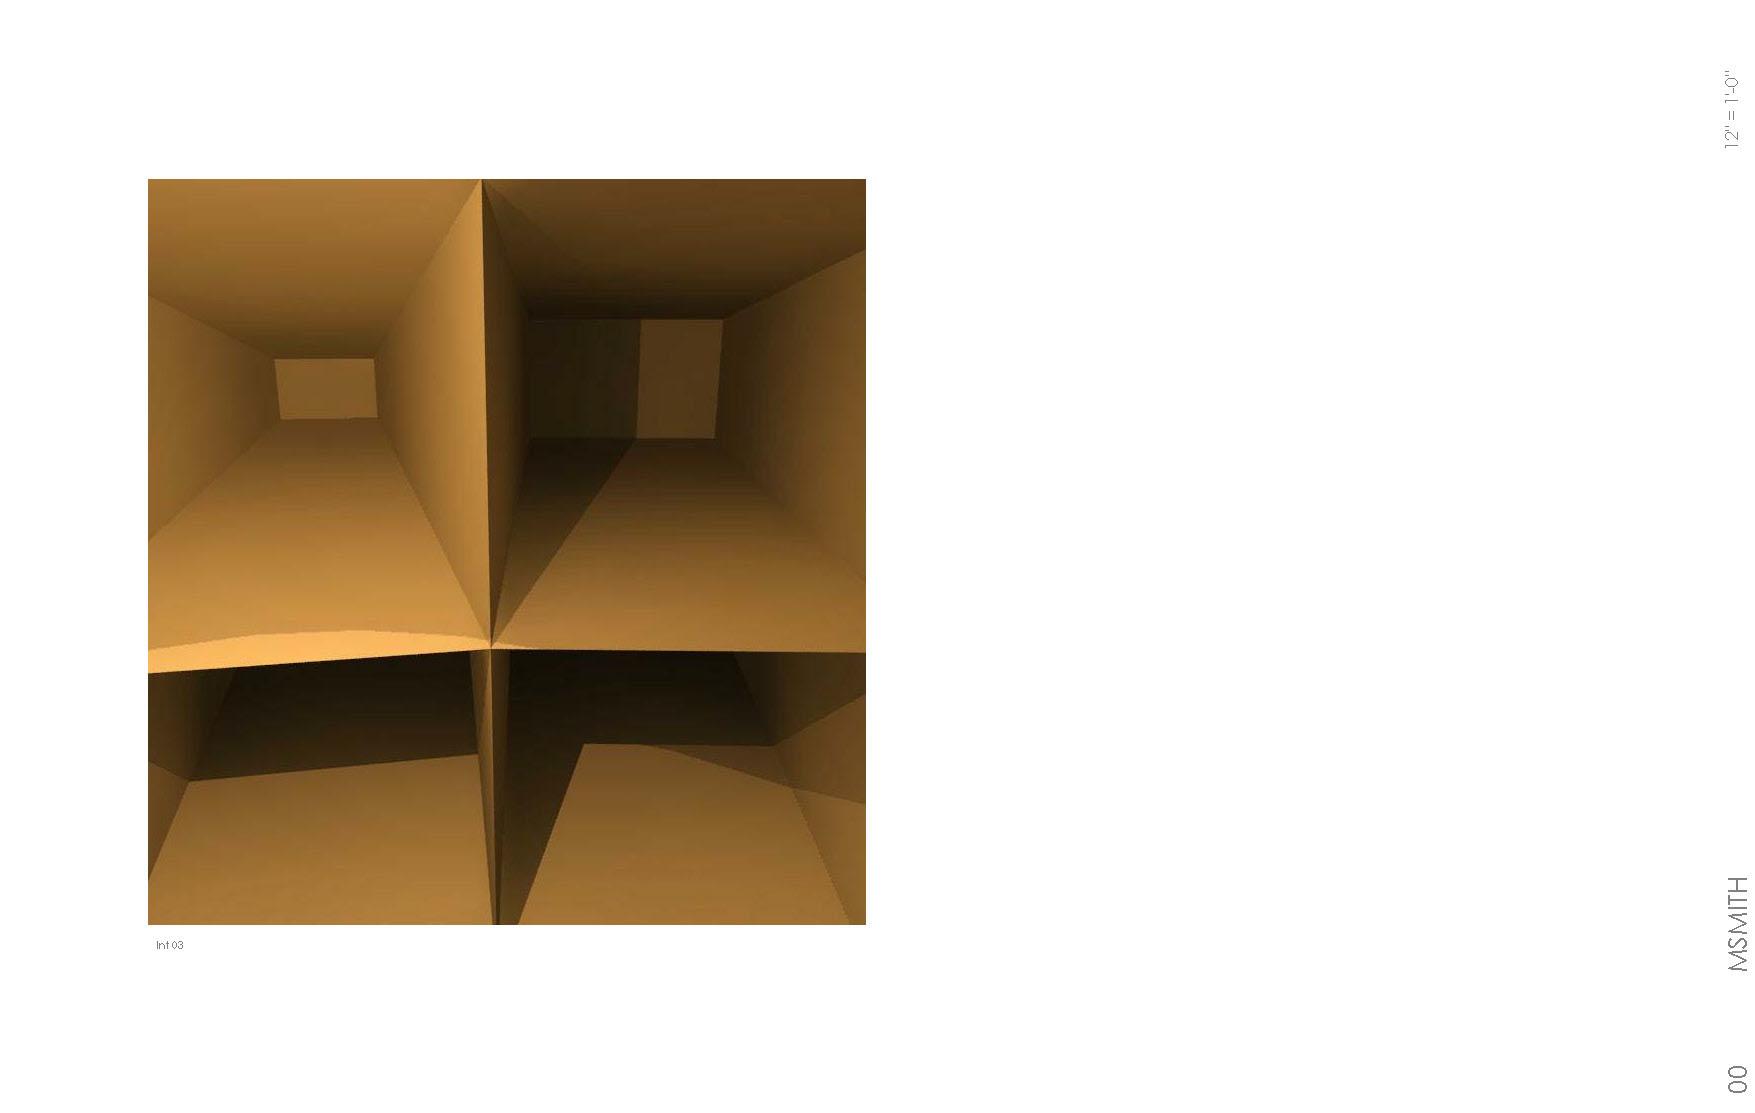 Revit Schematic Rendering 02